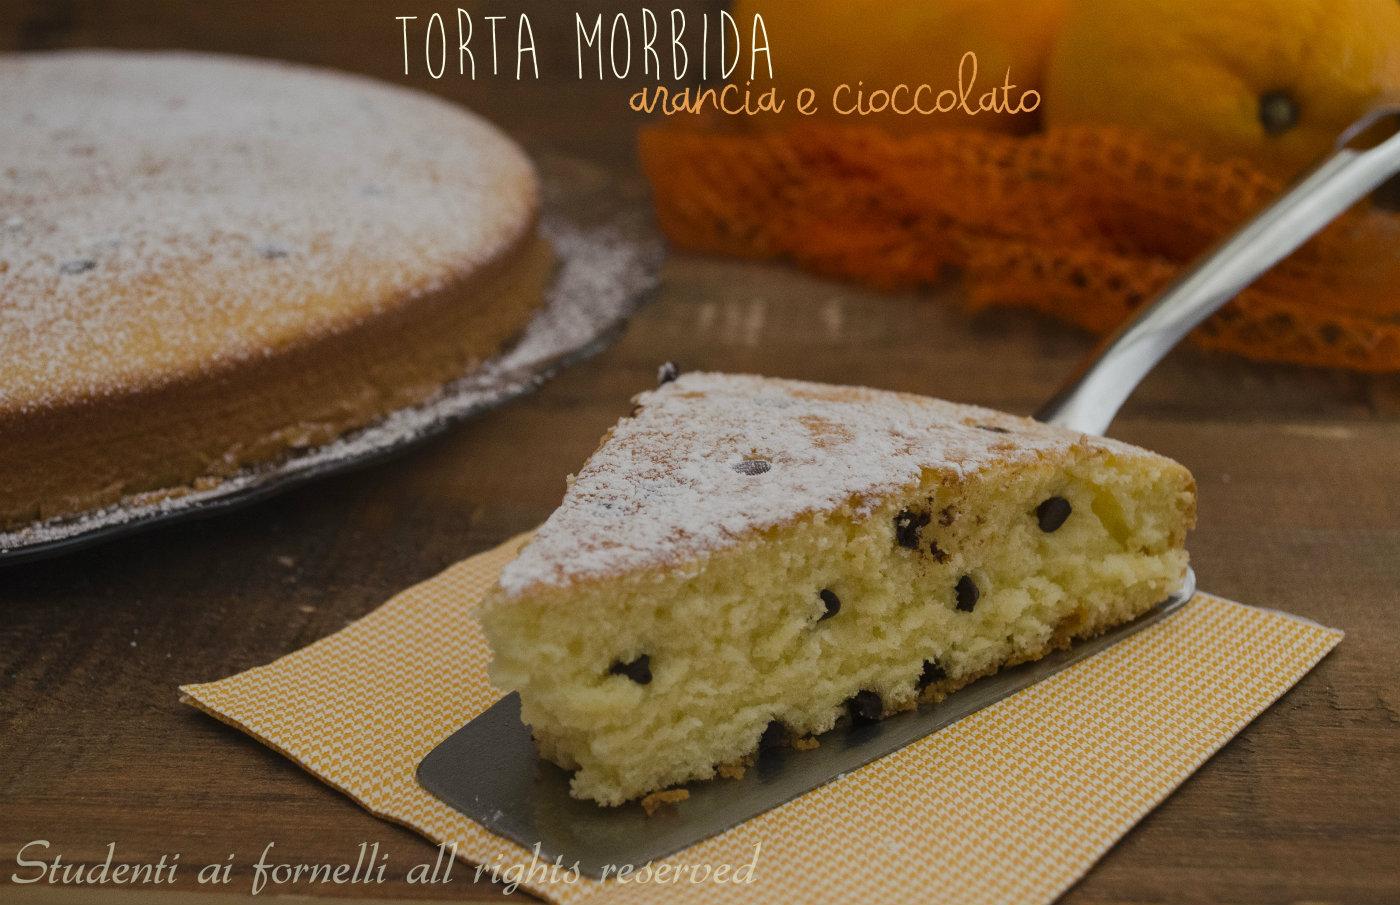 torta arancia e cioccolato senza burro e senza olio ricetta torta soffice  arancia per colazione bd2df76e2f